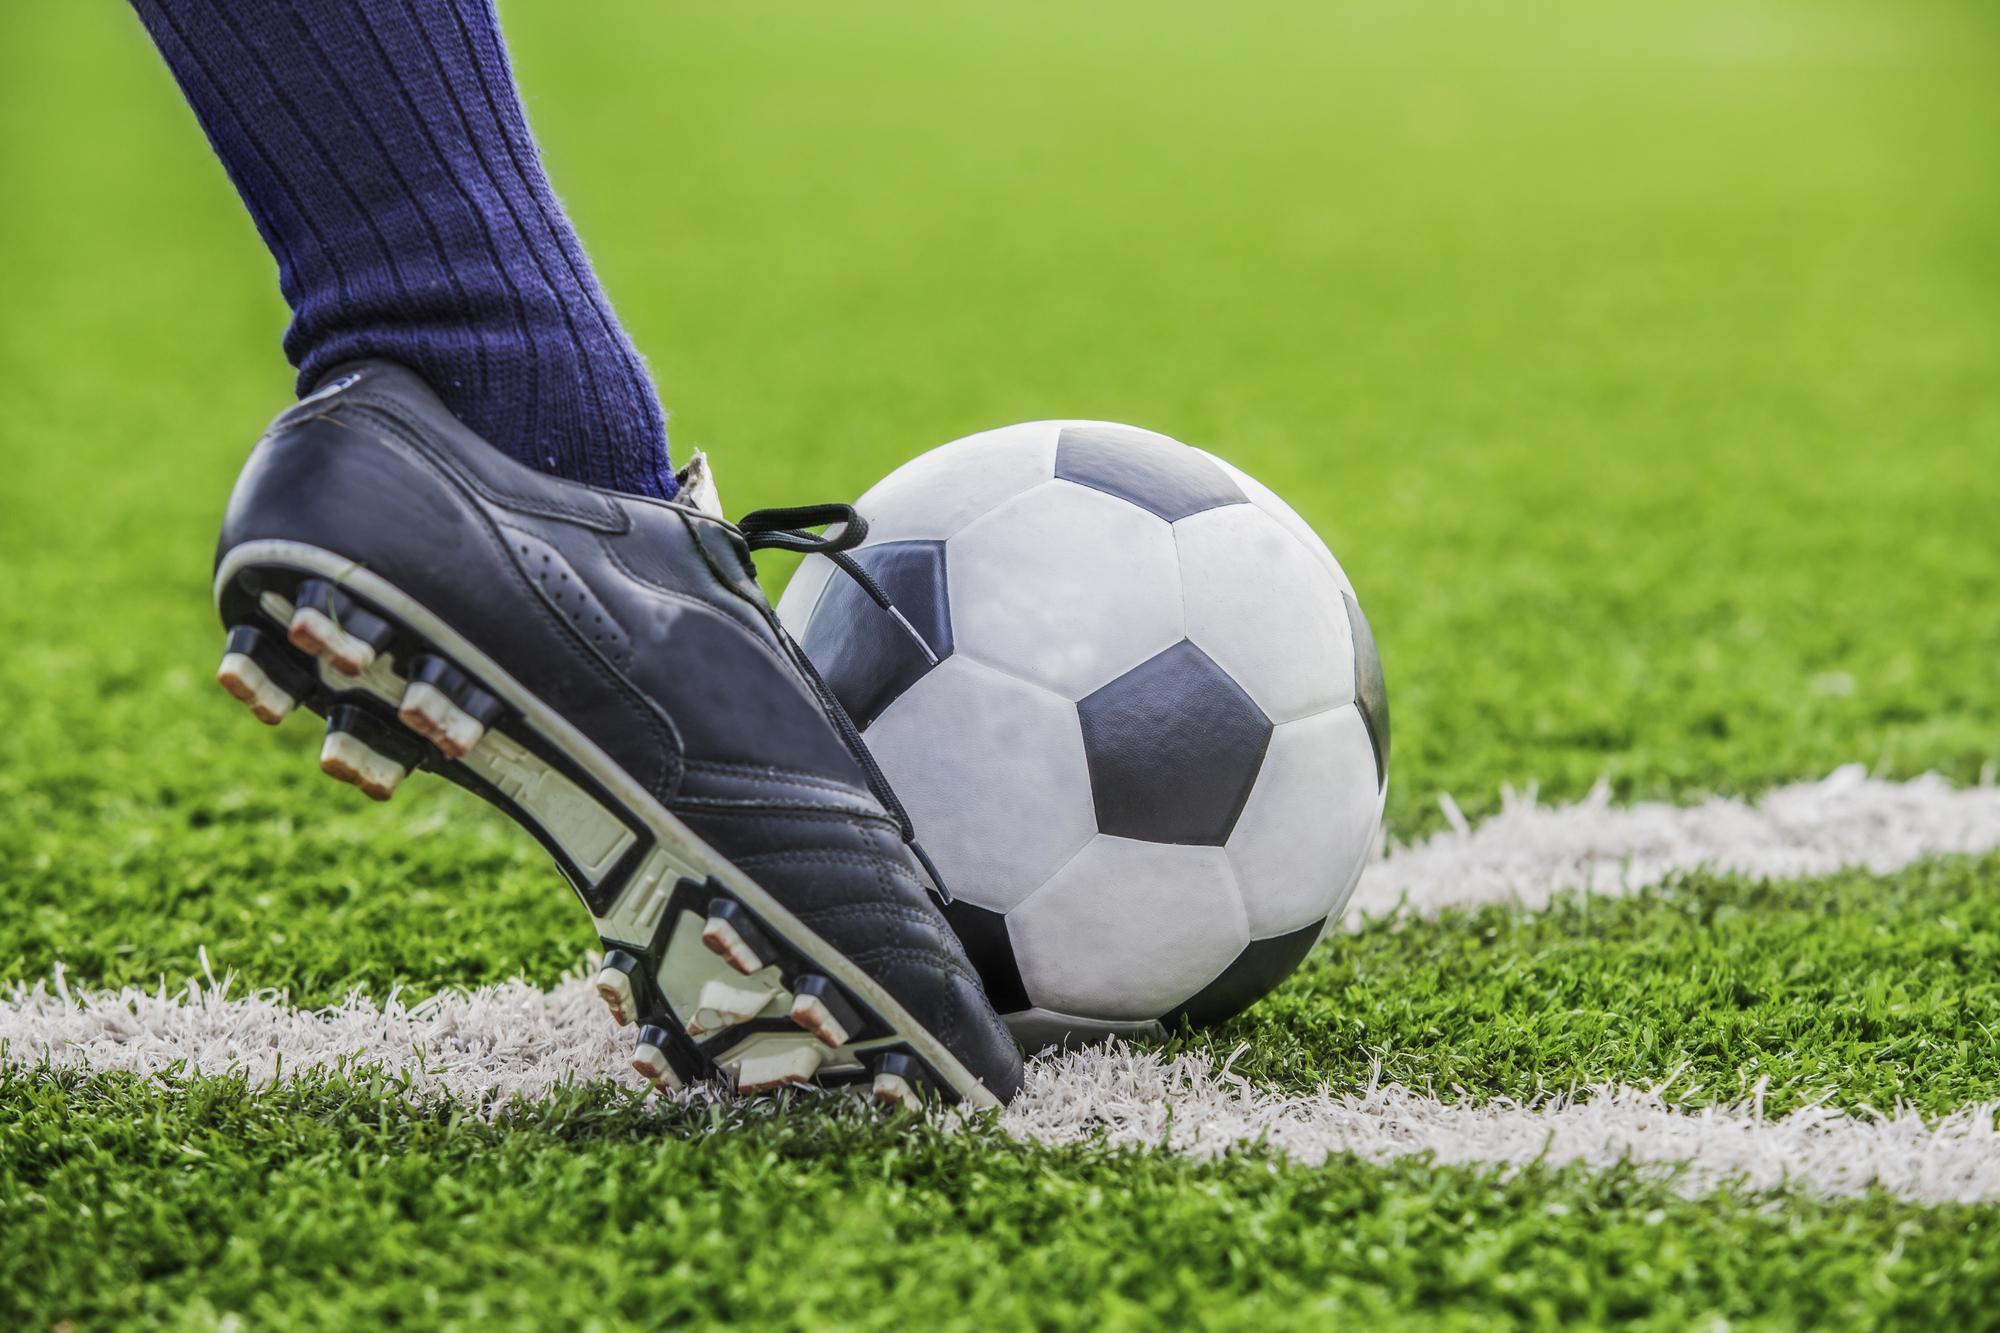 Saint-Germain-de-Grantham : le terrain de soccer sera éclairé